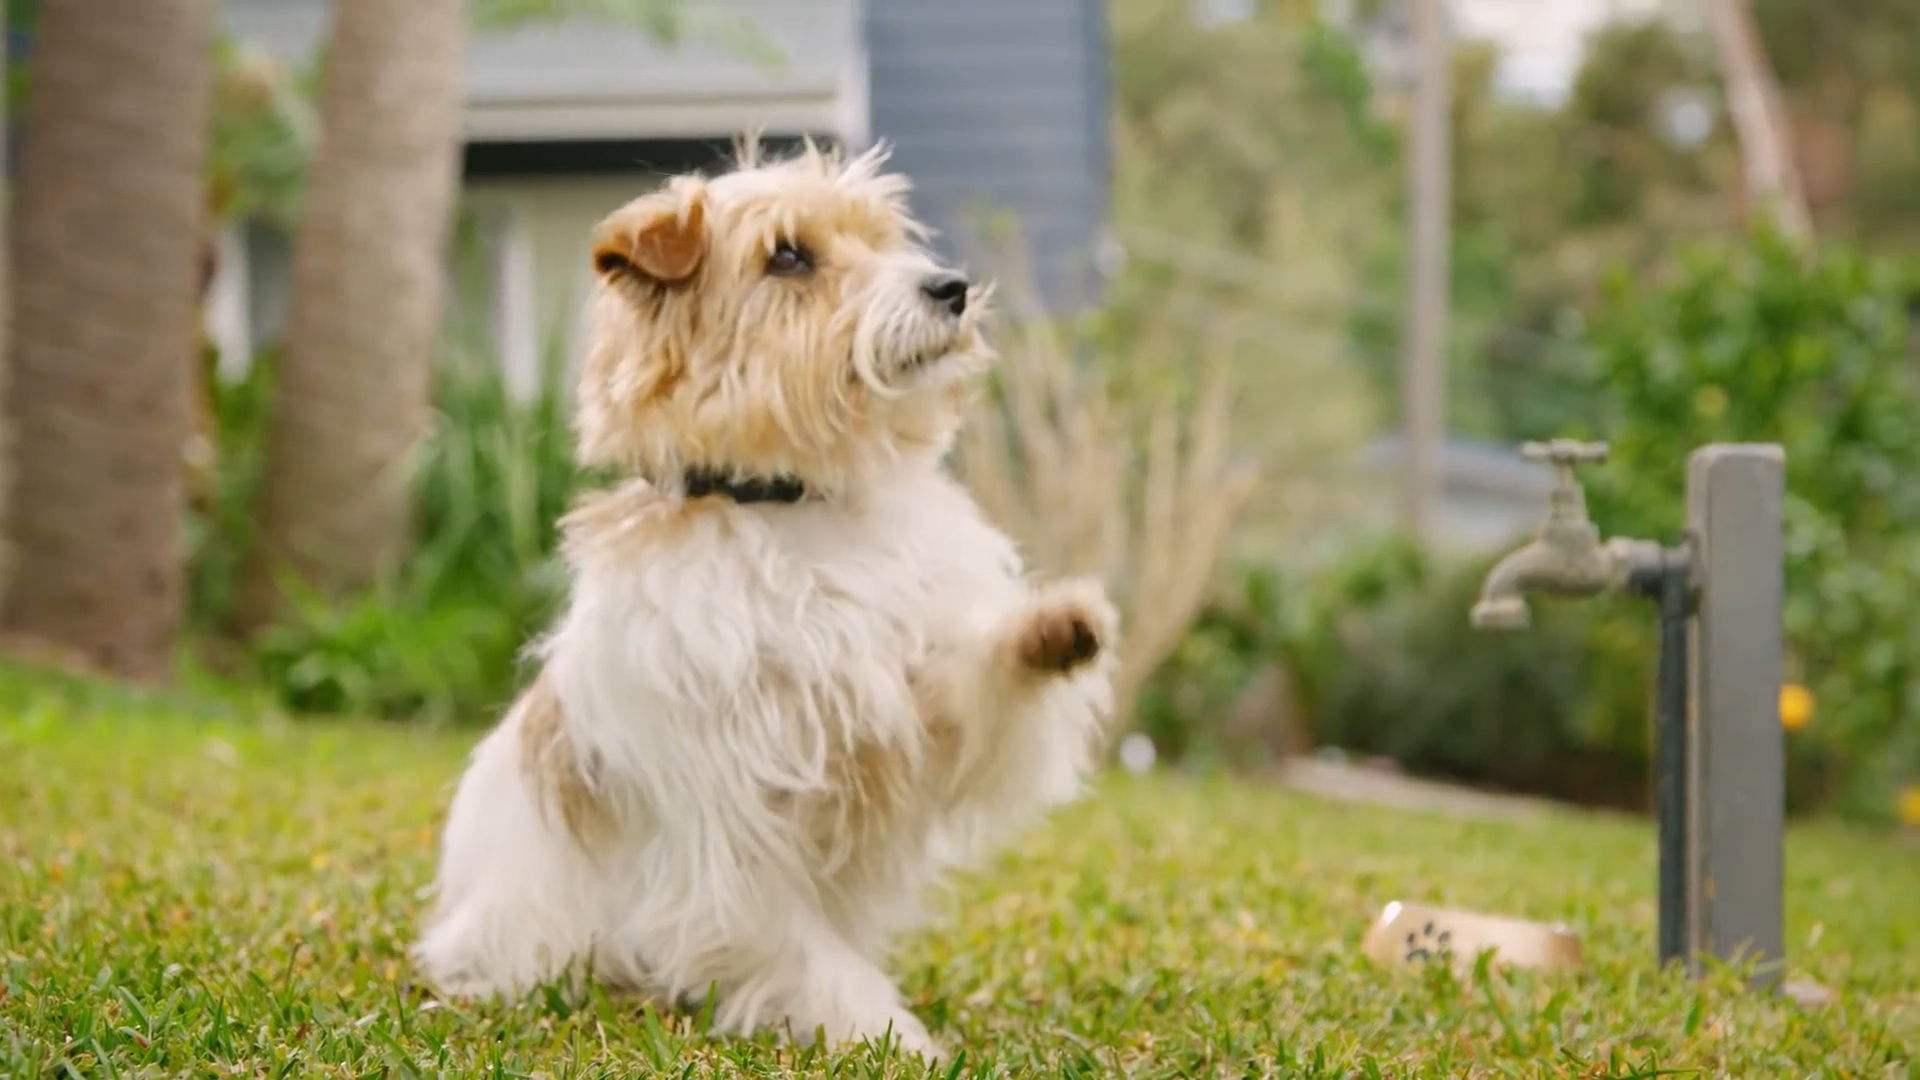 【宠物医生咨询】如何改善狗狗的肠胃?